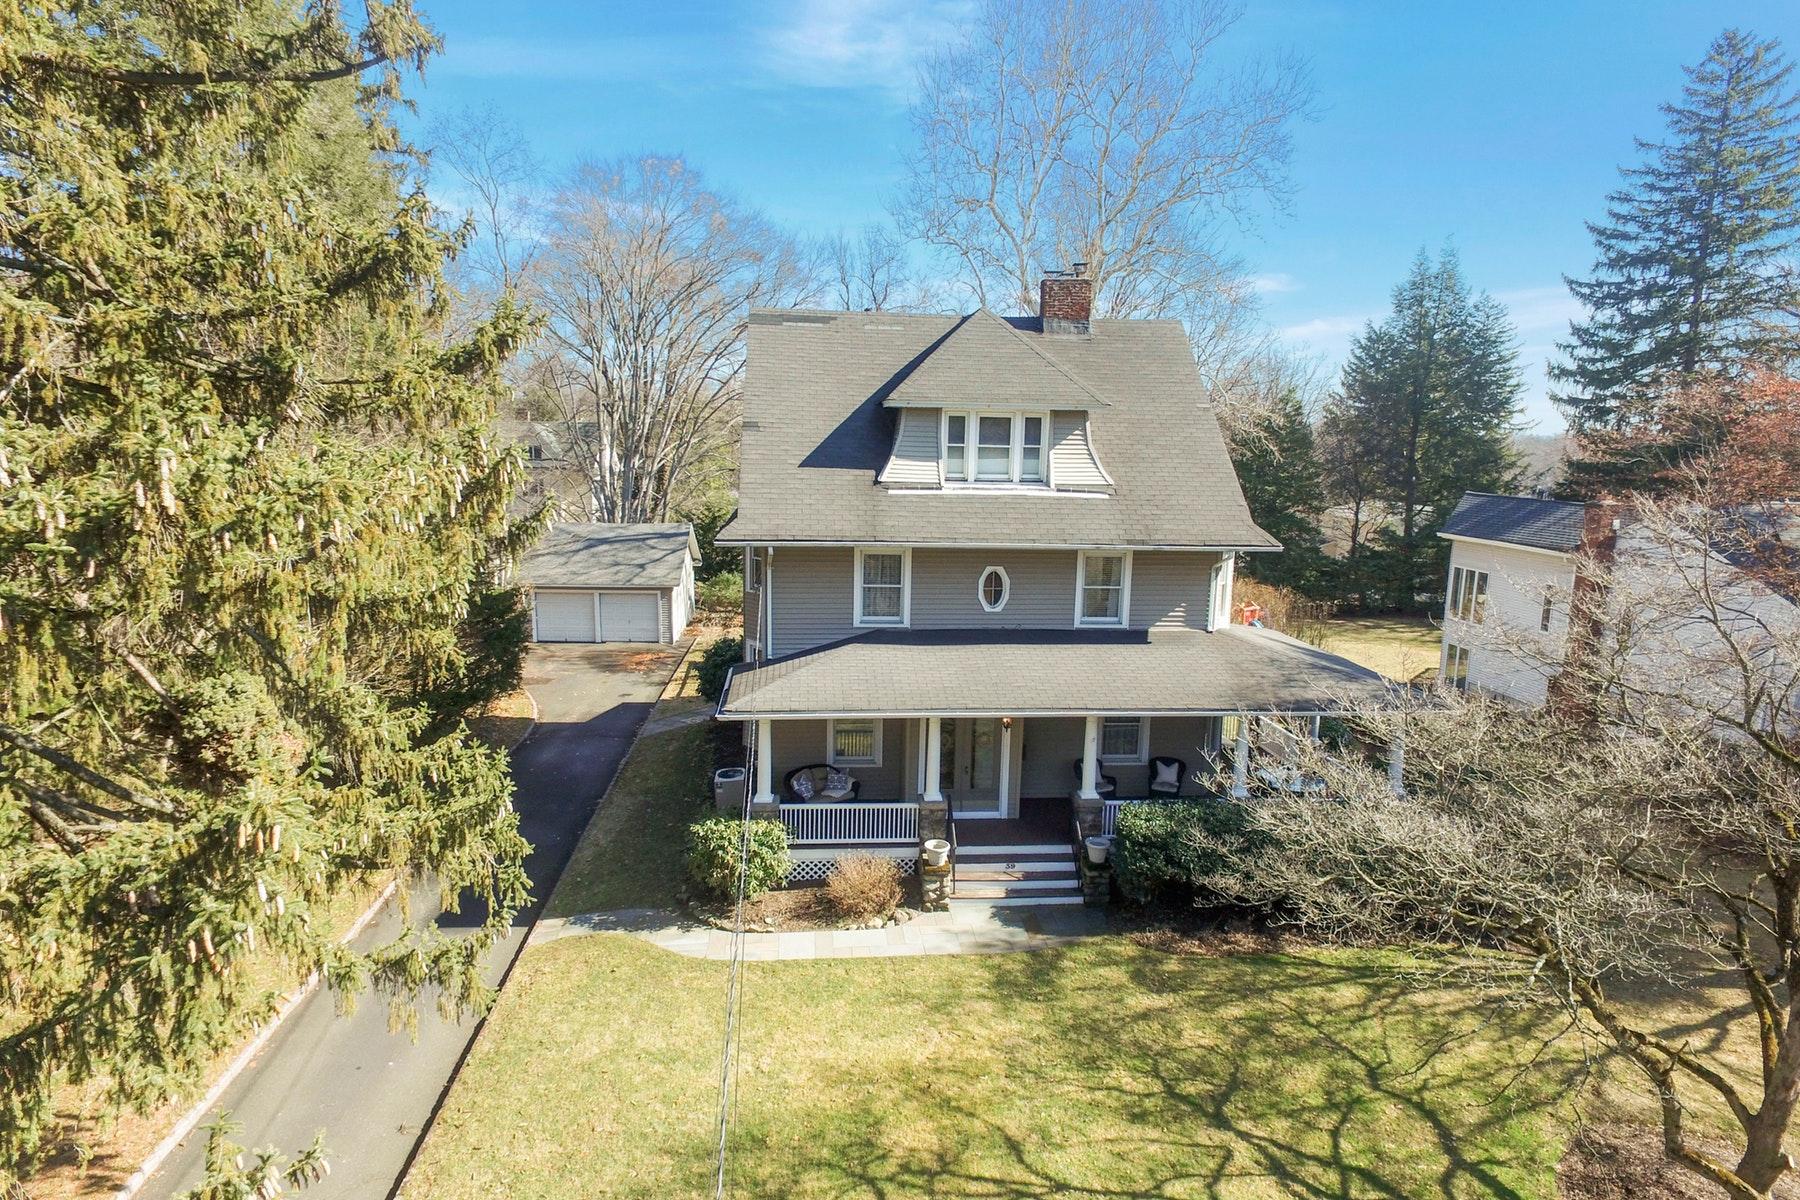 Maison unifamiliale pour l Vente à Beautiful Colonial in Historic Prospect Park 39 Forest Road, Glen Rock, New Jersey 07452 États-Unis